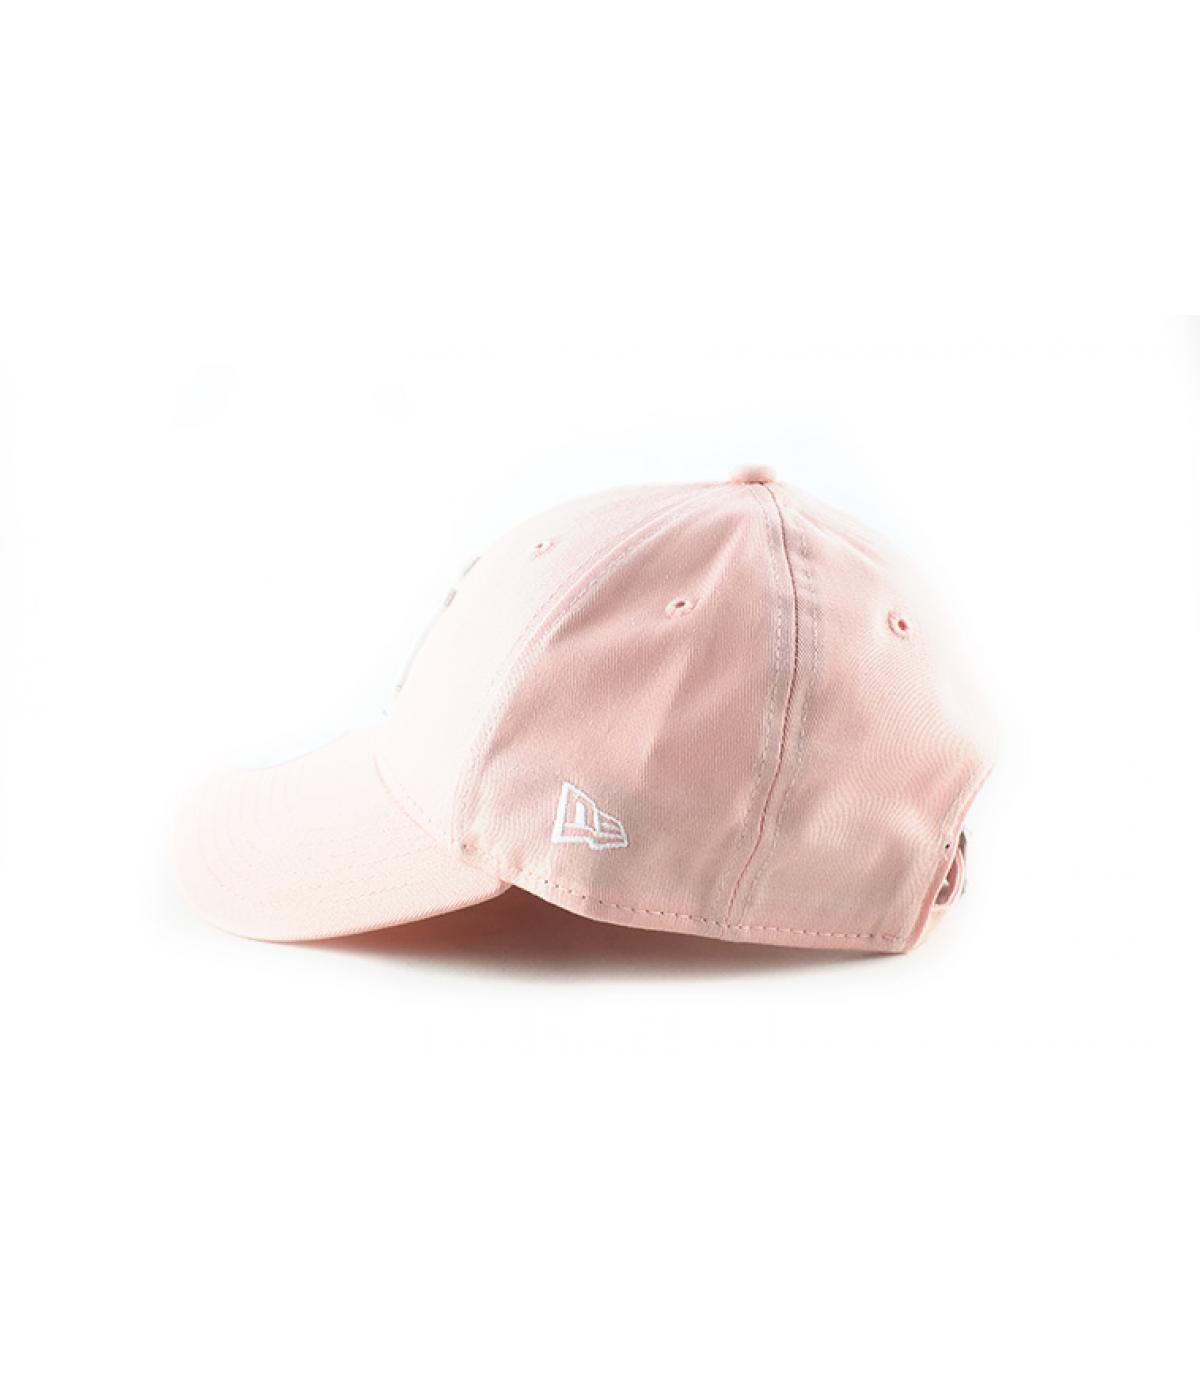 Détails Casquette Femme NY League Essential pink - image 4